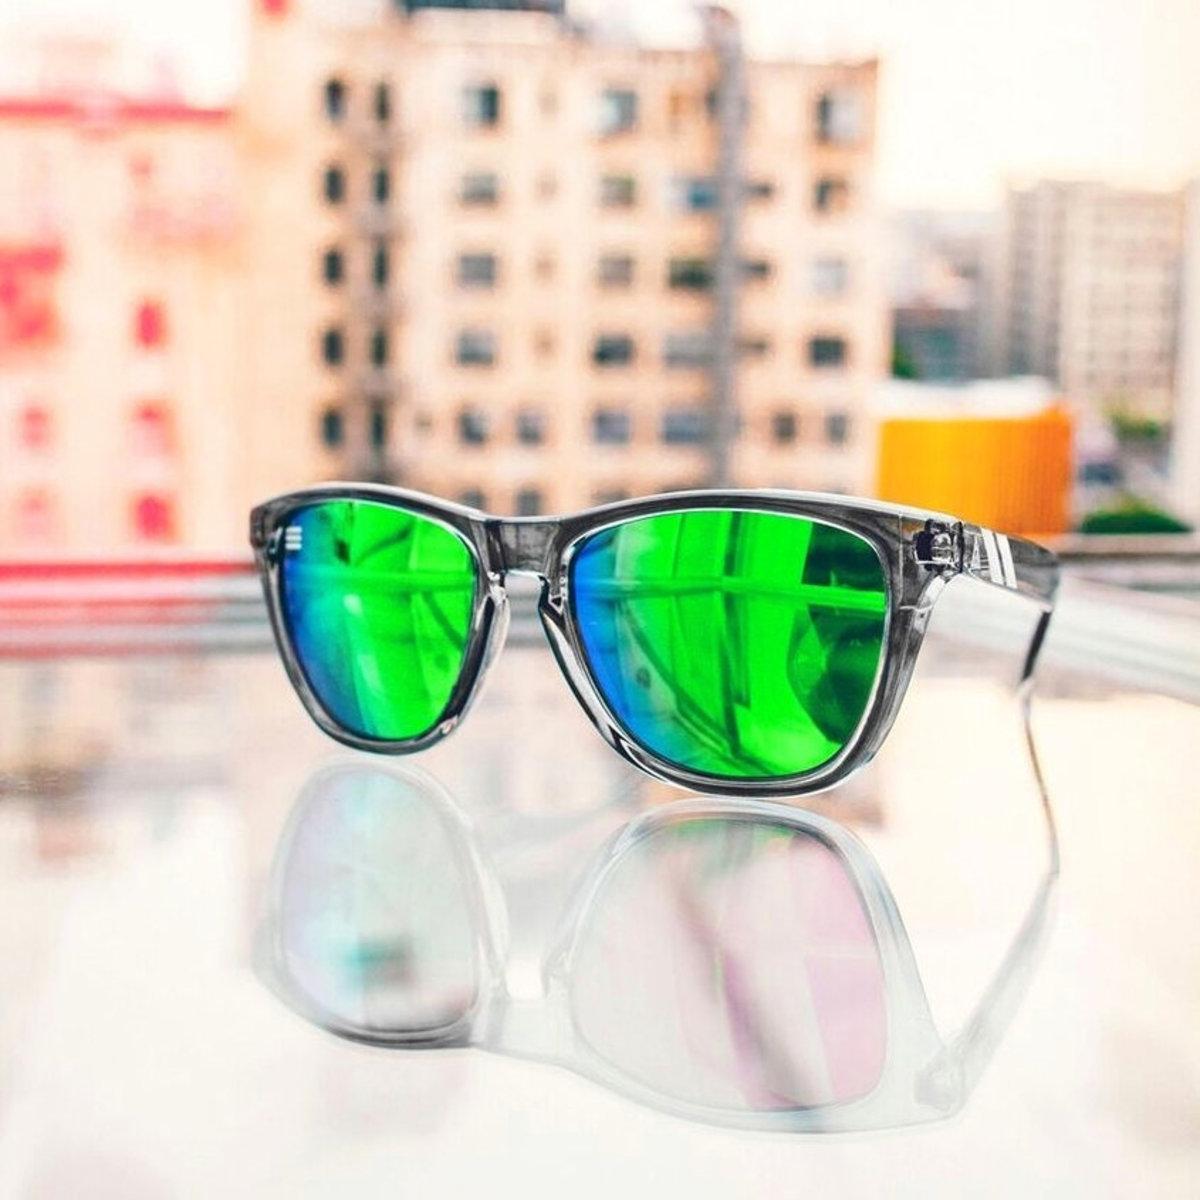 L Series // 灰色半透明鏡框太陽眼鏡